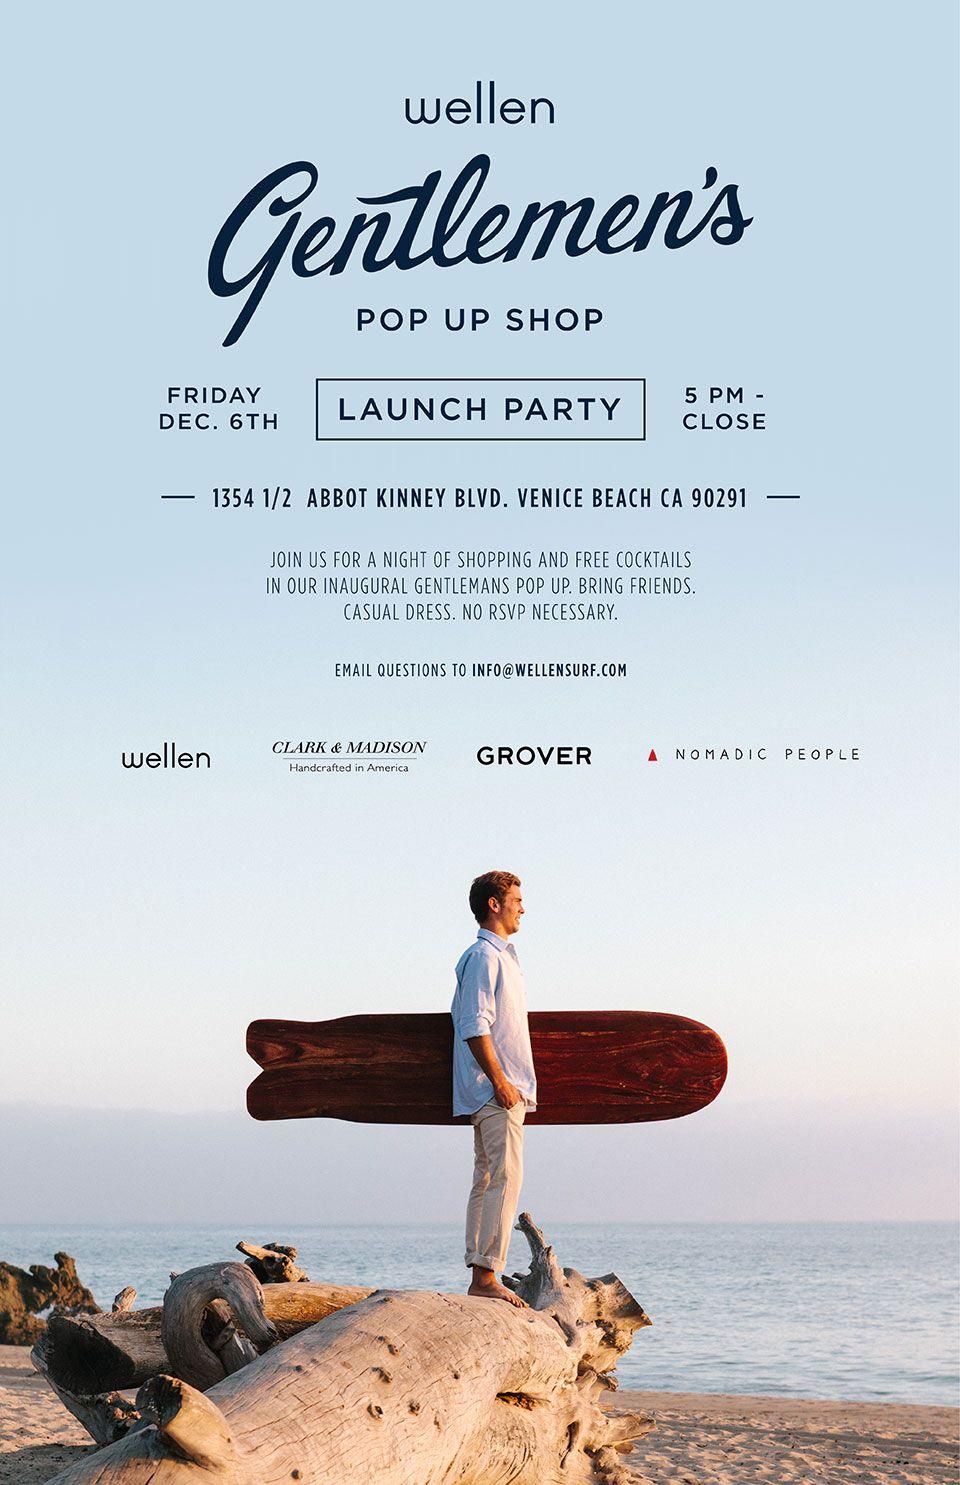 Poster design questions - Venice Beach Ca Wellen Gentlemen S Pop Up Shop Clark Madison Grover Type Postersdesign